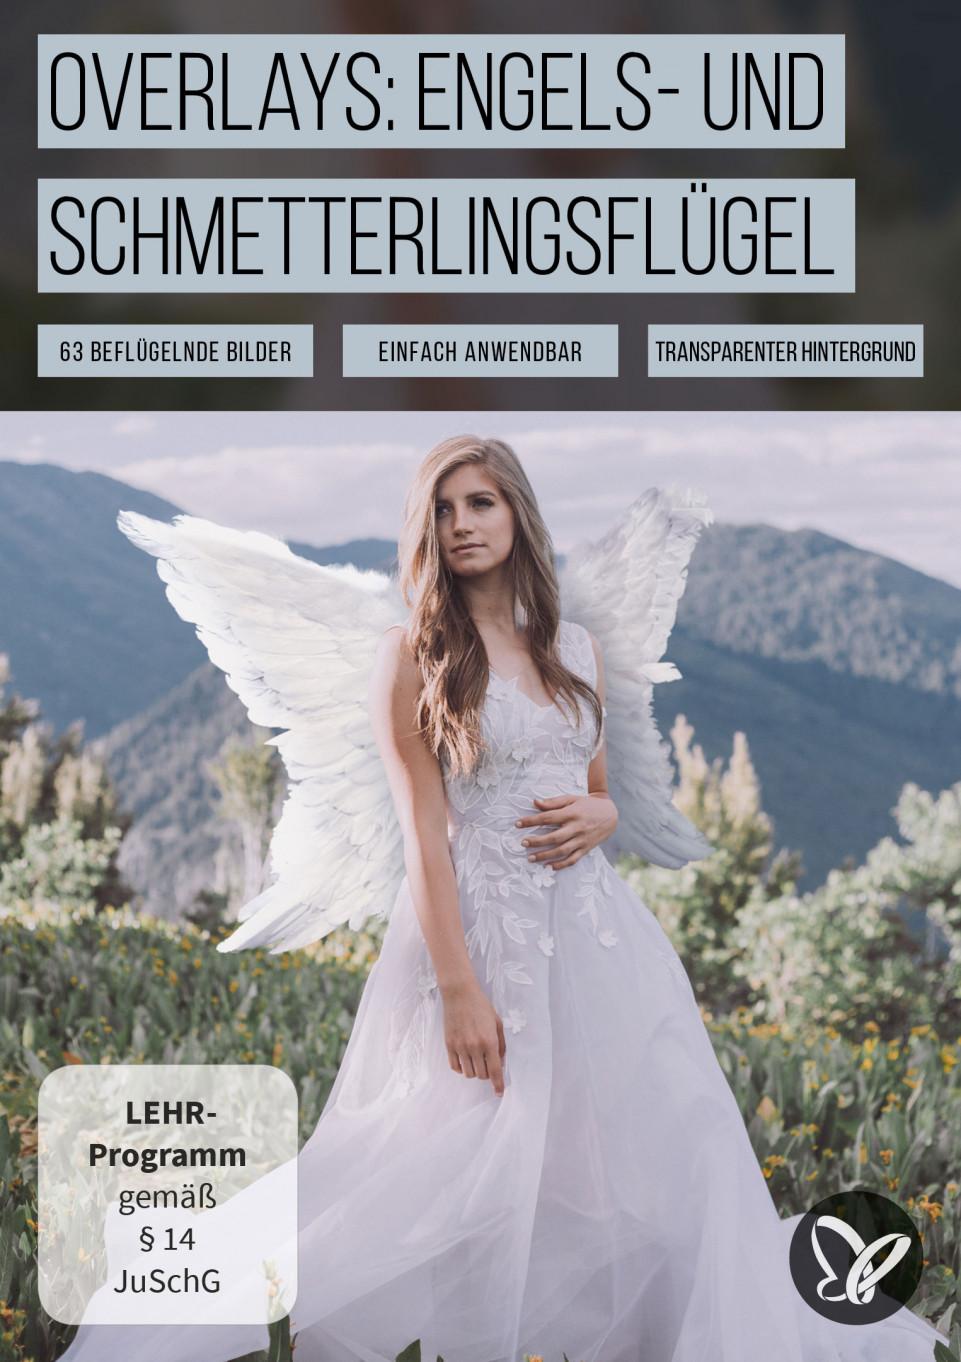 Fantastische Flügel-Bilder: Engel und Schmetterlinge